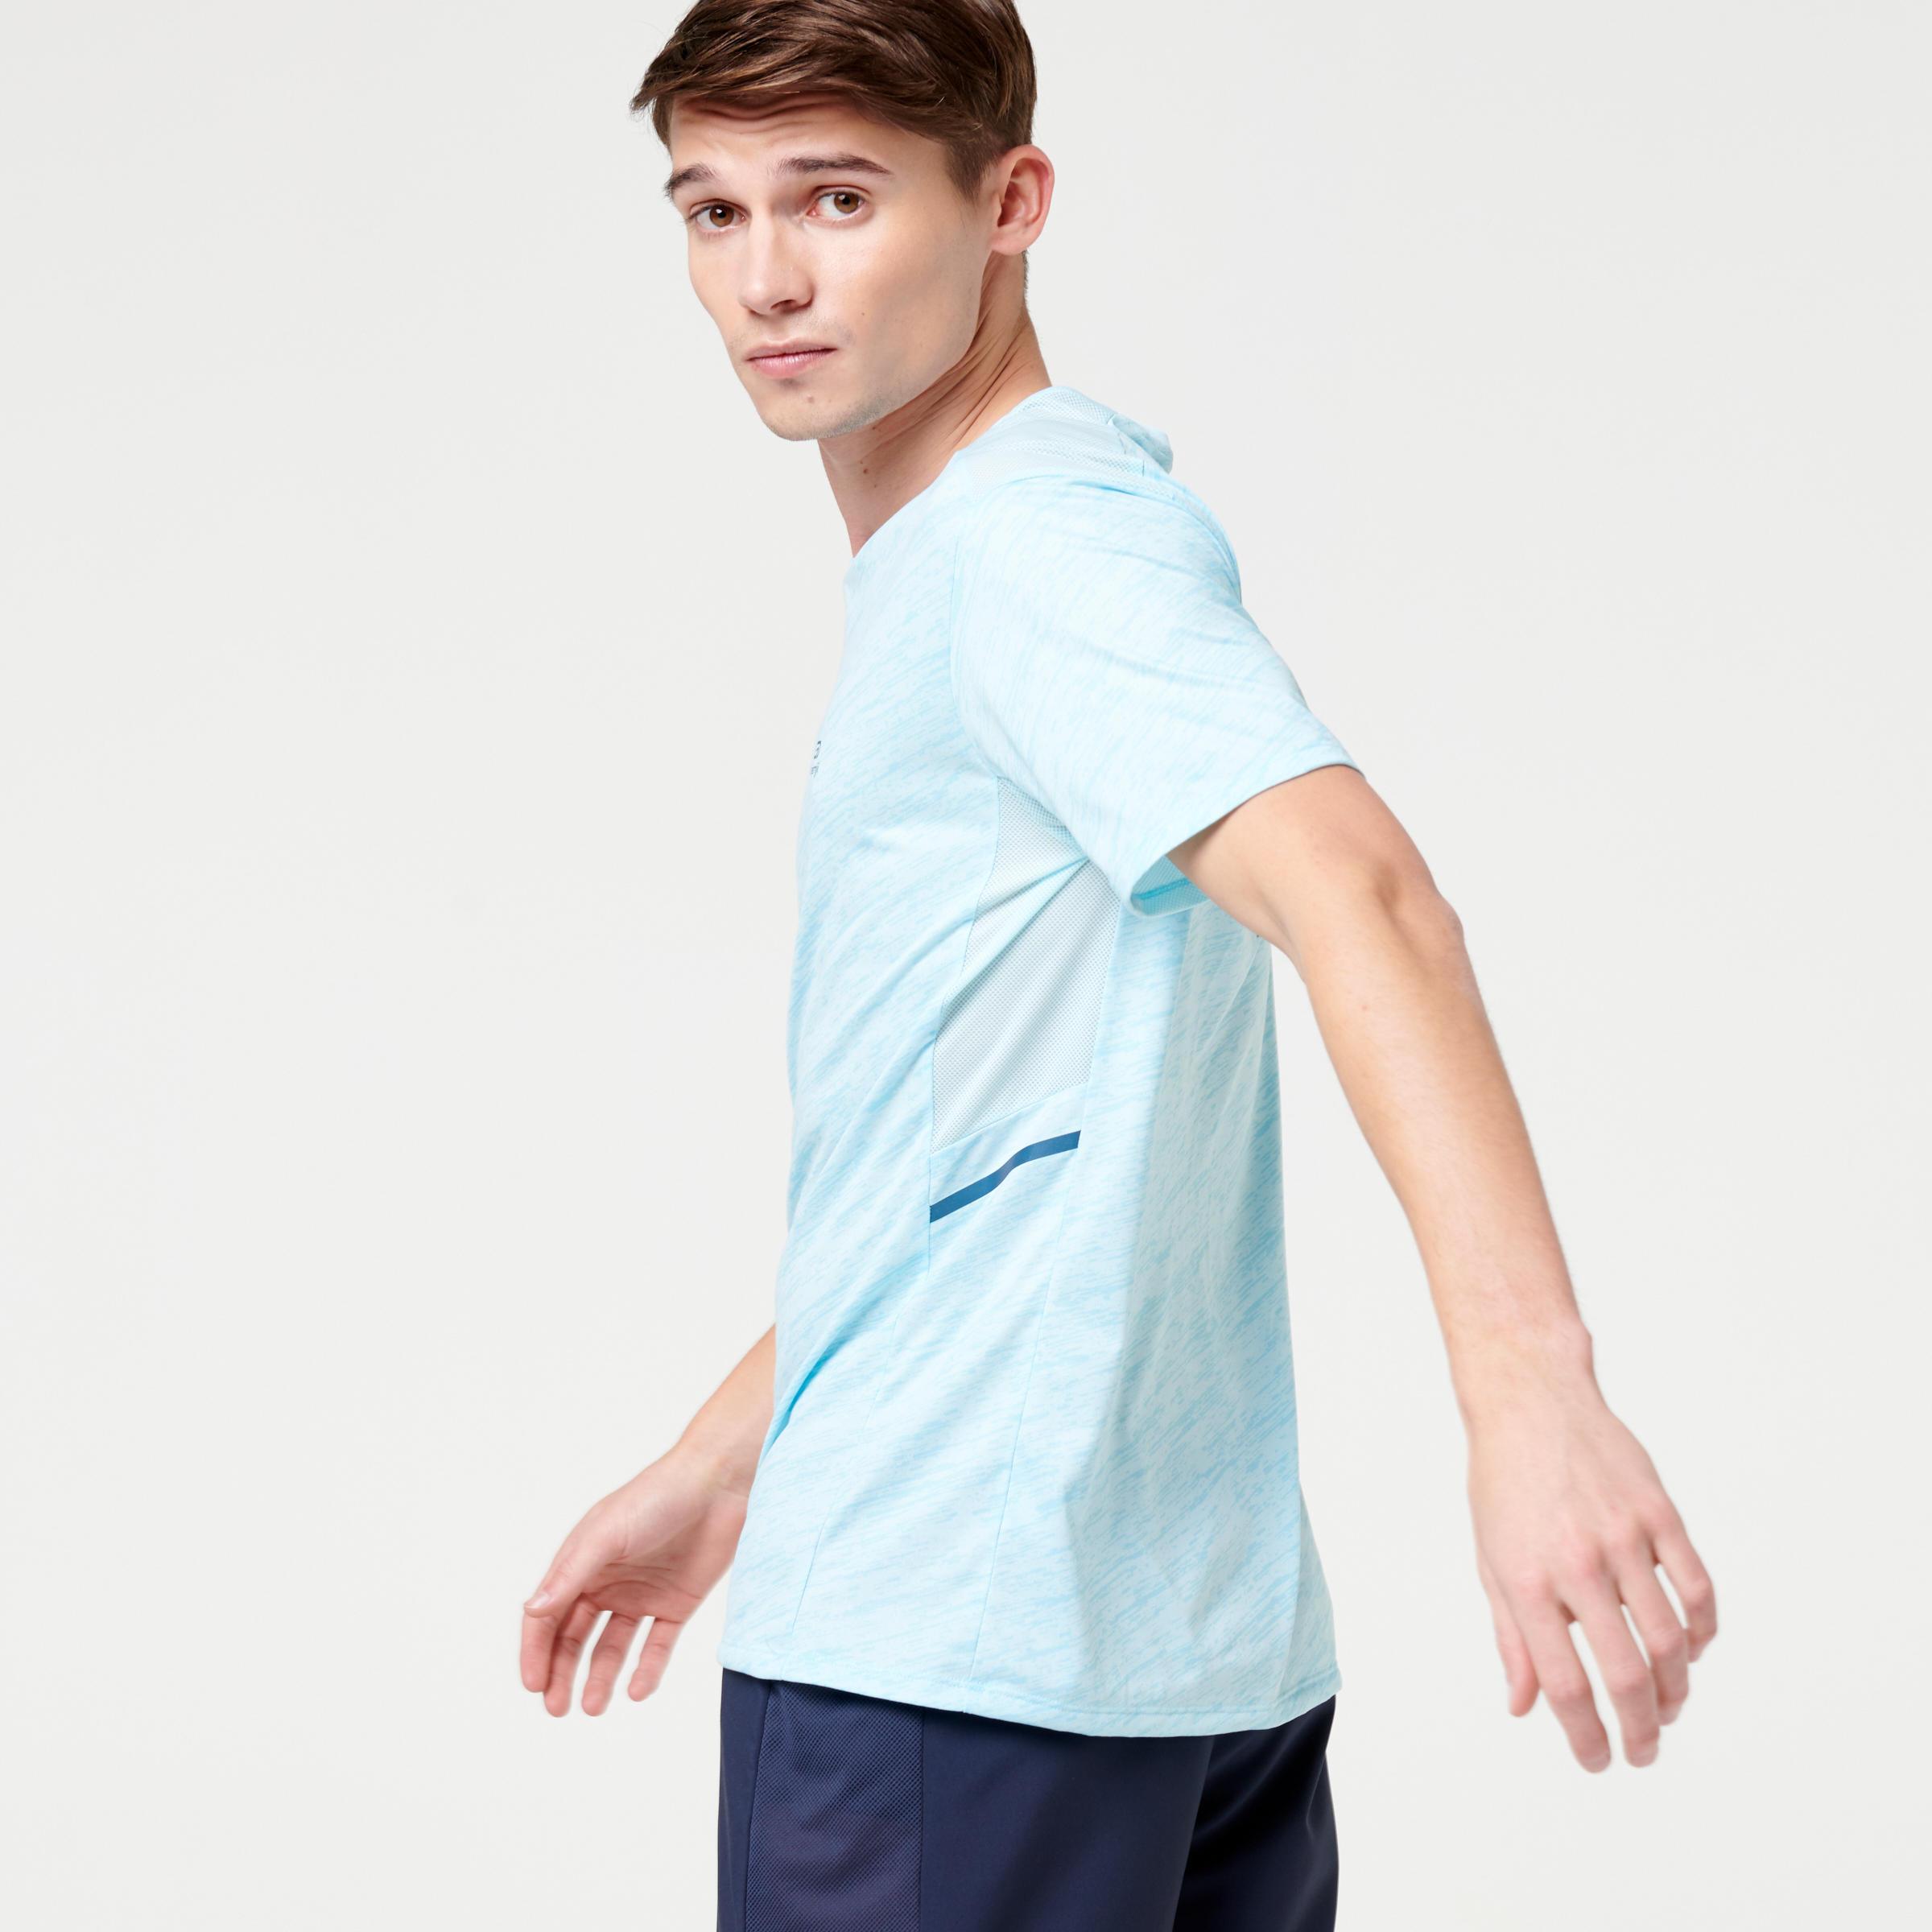 Tricou Alergare Bărbaţi imagine